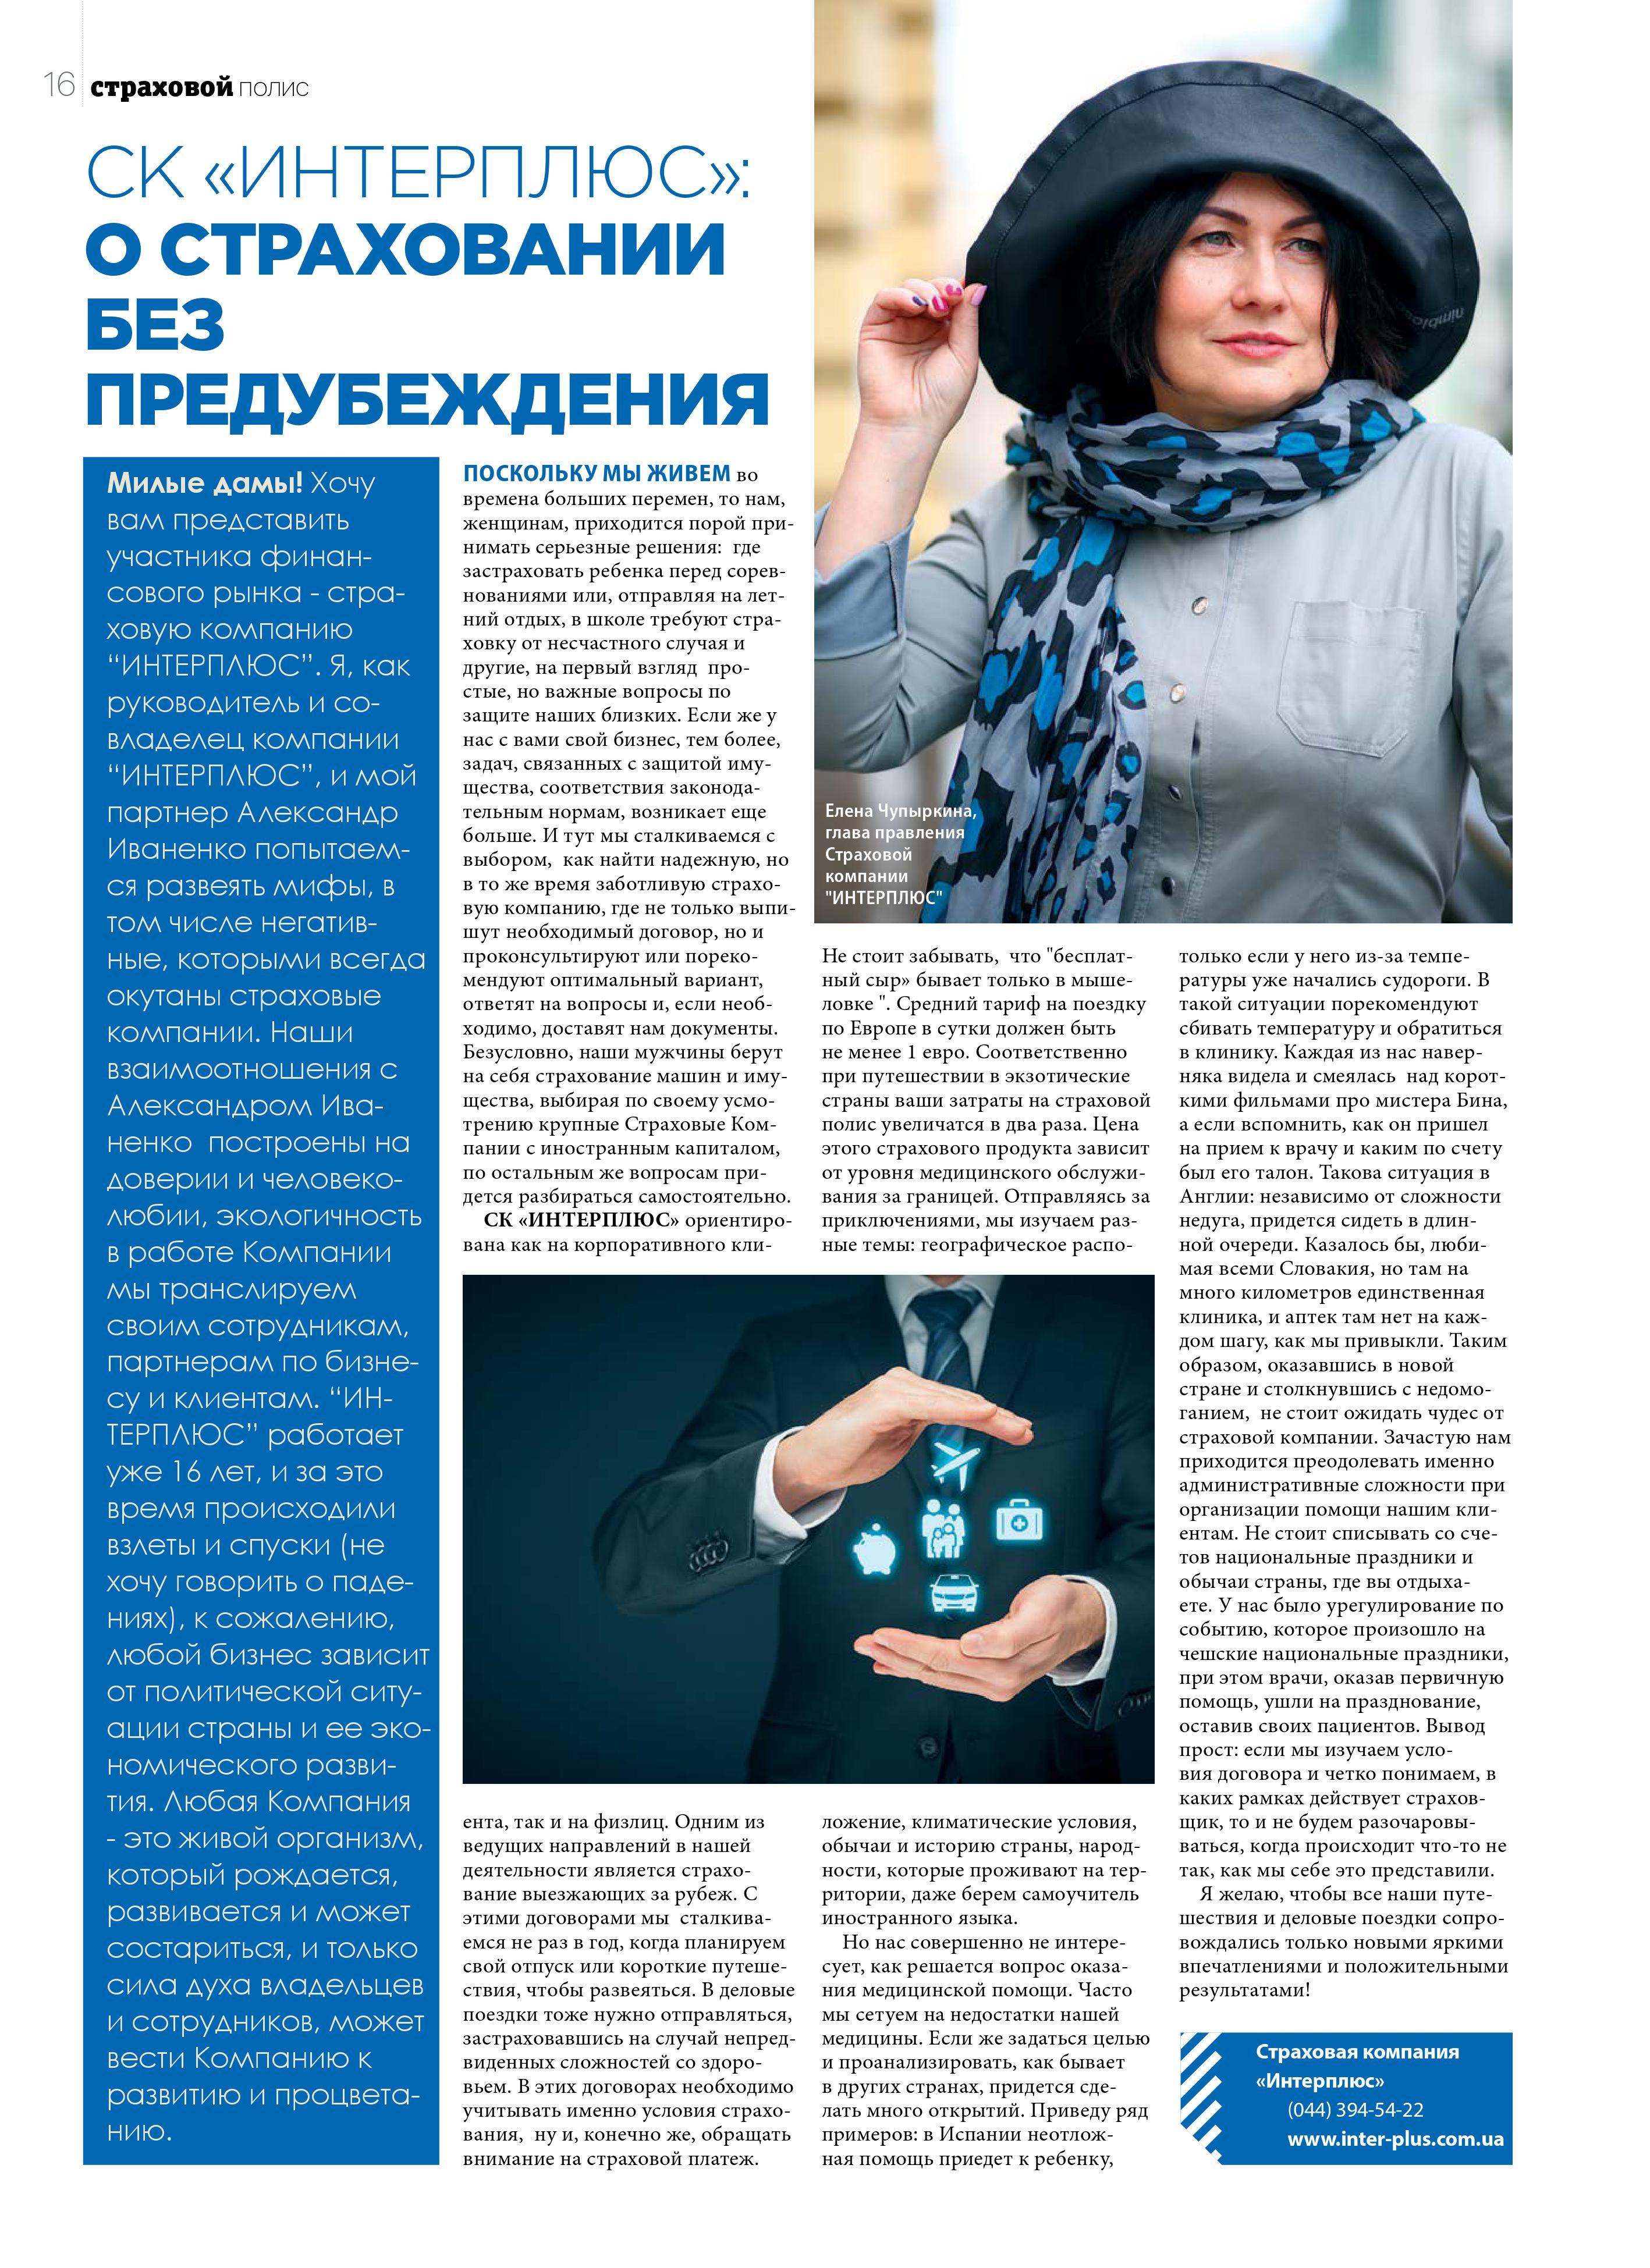 Статья в женском журнале сентябрь 2019